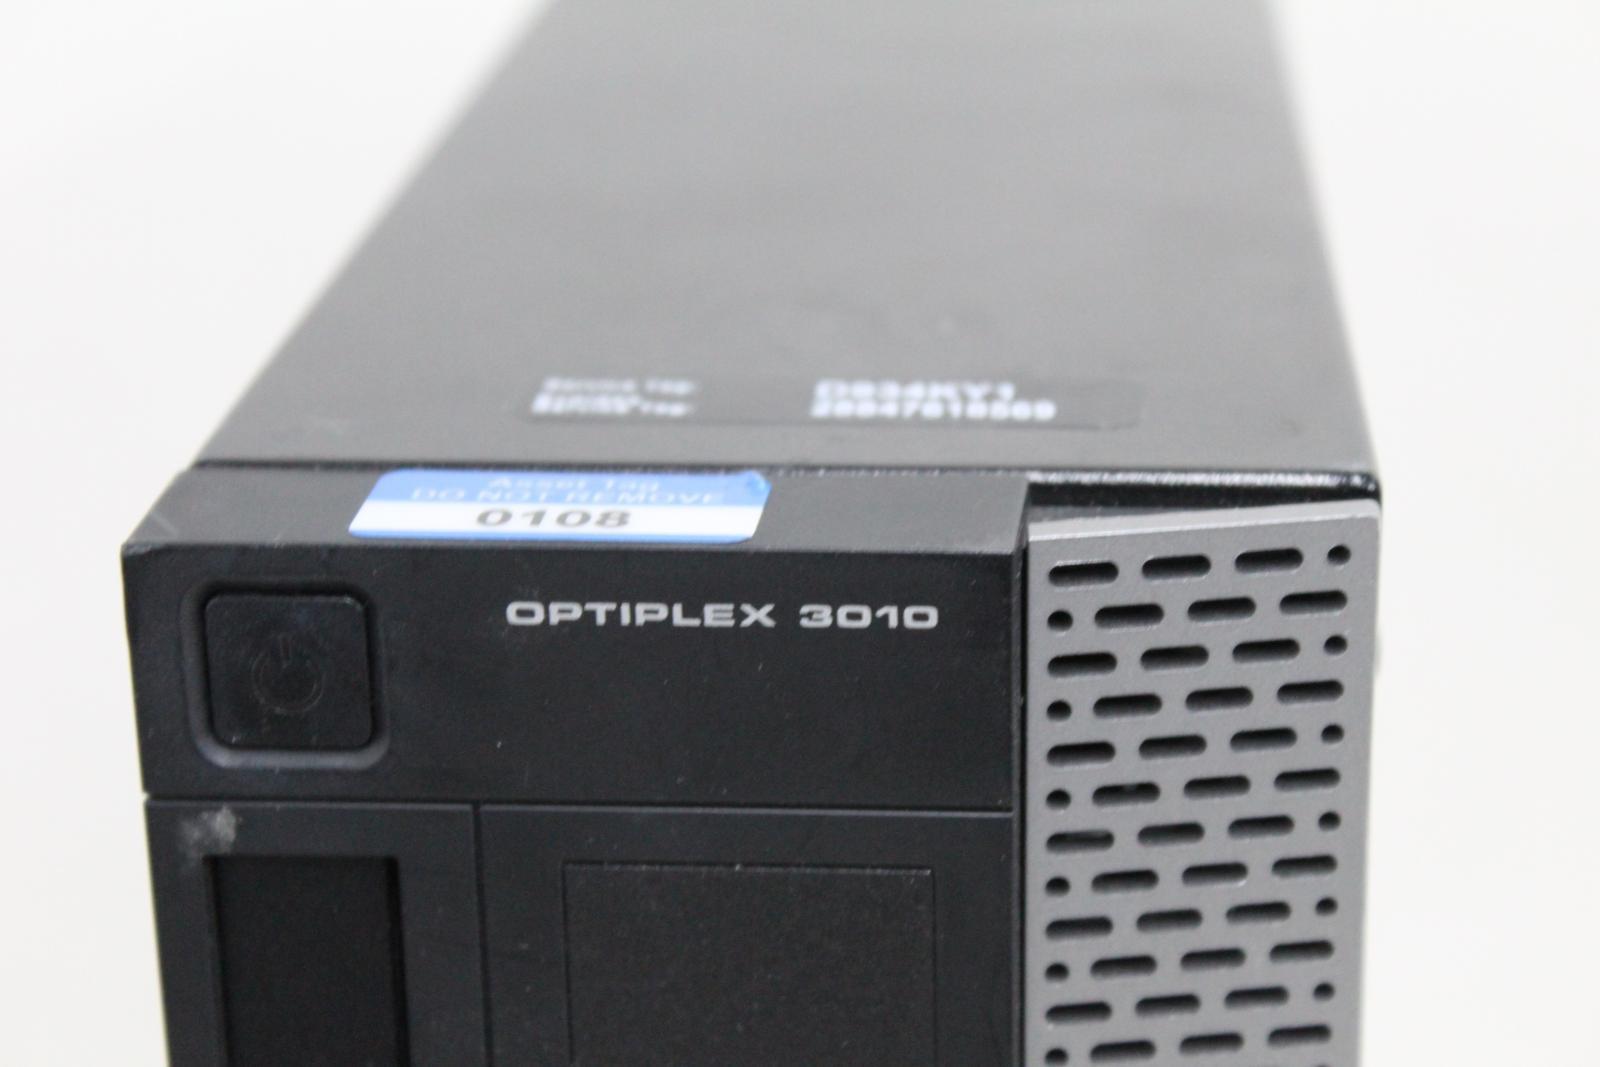 Dell-OptiPlex-3010-Intel-Core-i3-3220-3-3GHz-4GB-RAM-SFF-PC-de-escritorio-sin-disco-duro-2x miniatura 5